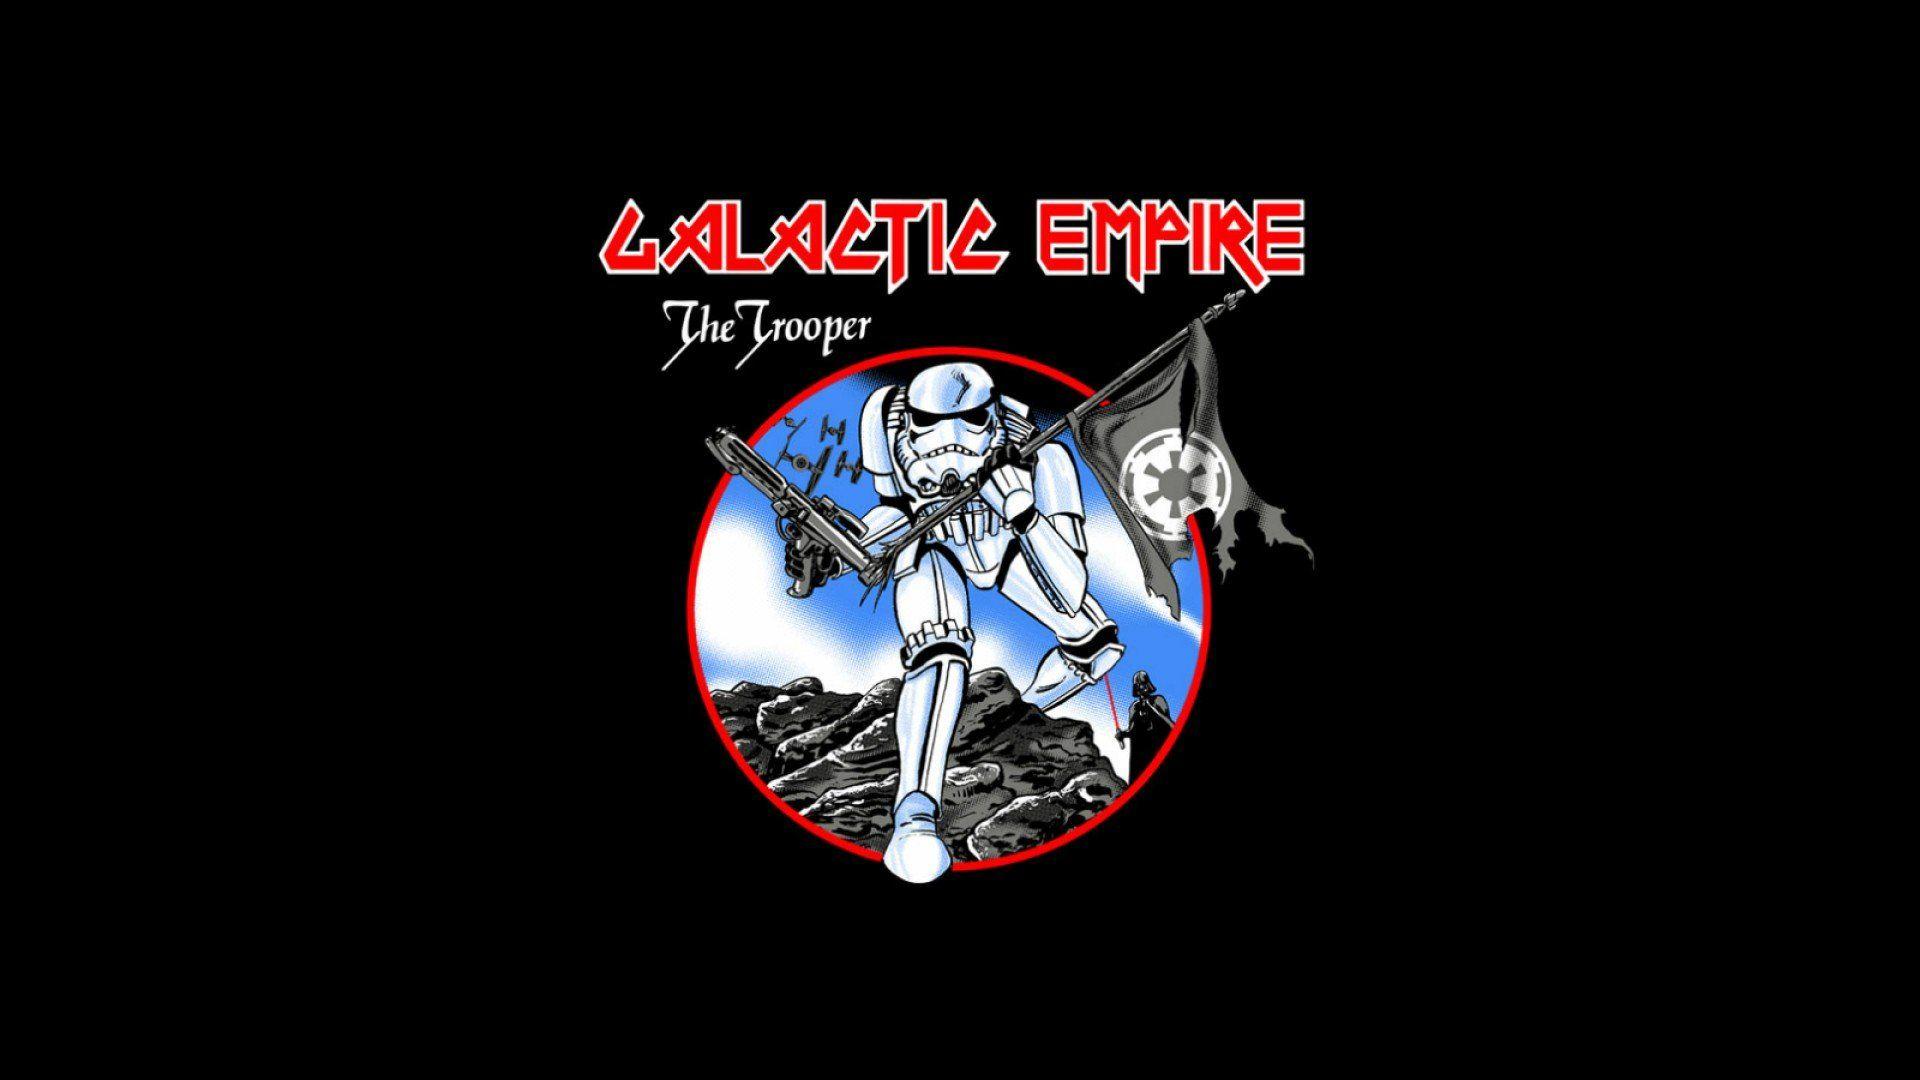 Iron Maiden The Trooper Wallpapers Desktop ...